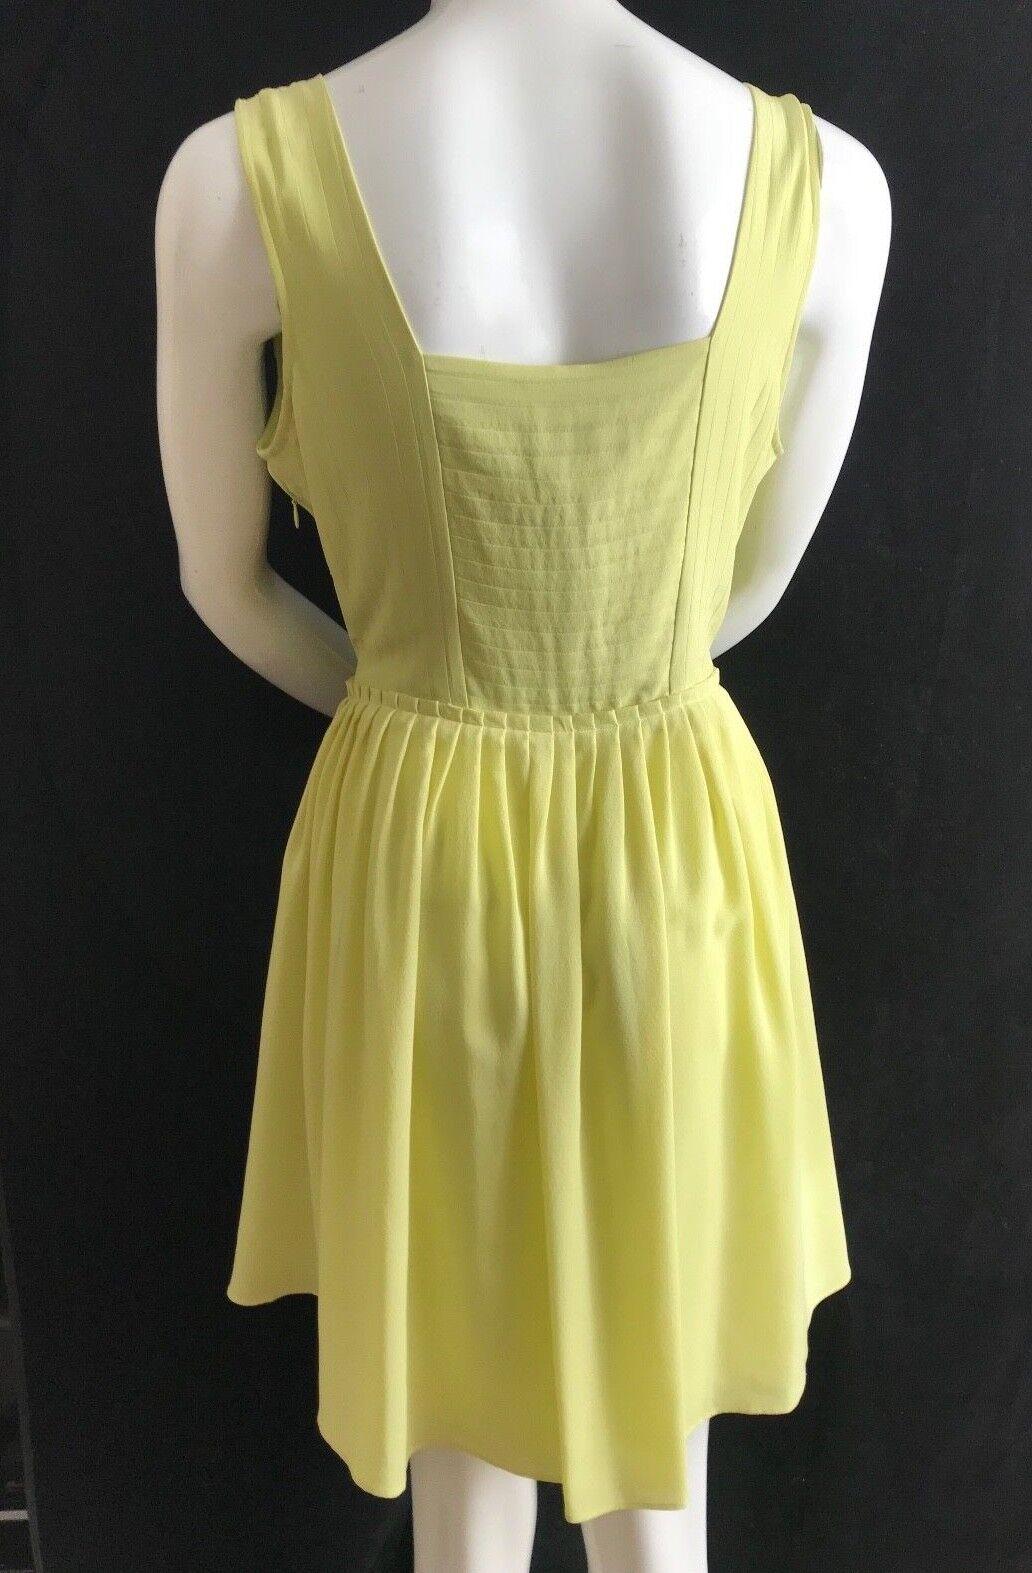 BNWT REISS Pretty Pretty Pretty Citrus  Gelb Leia Pleat Detail 100% Silk Dress UK14 bcf00f